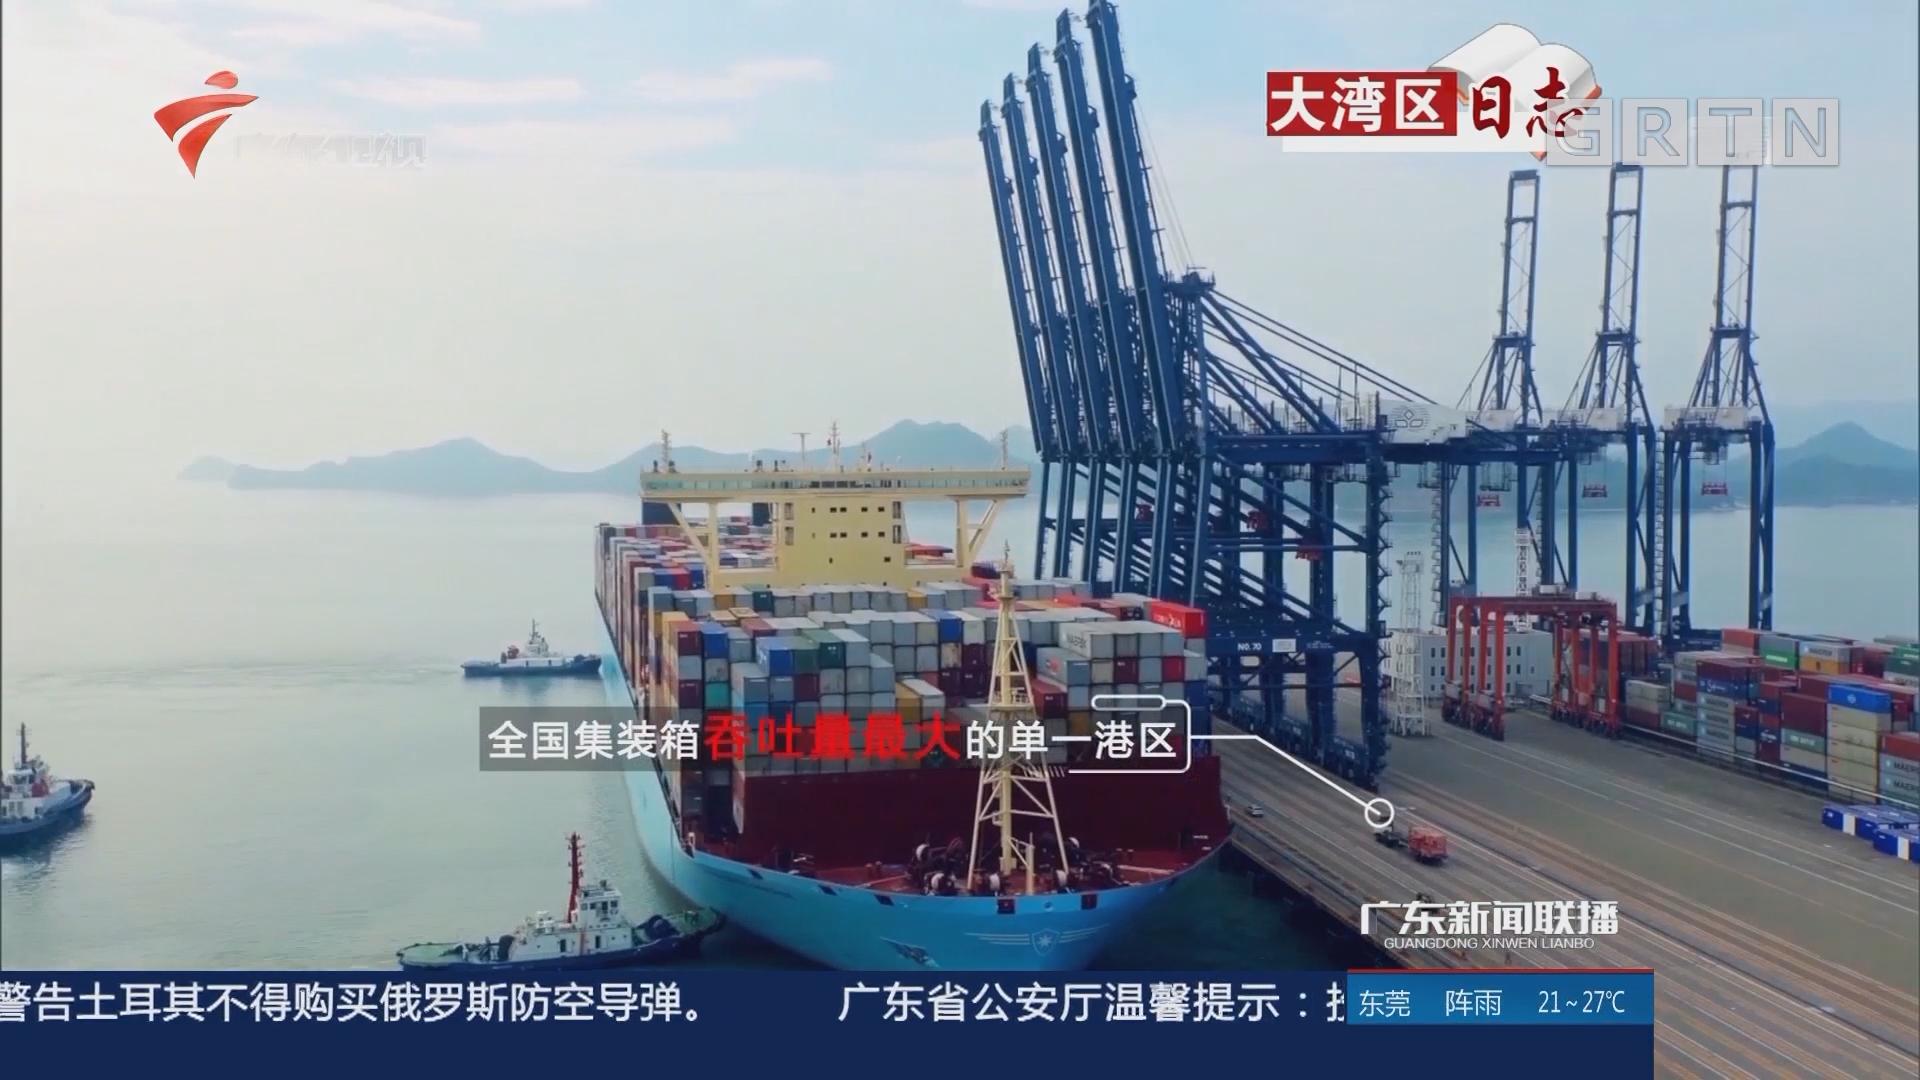 深圳:创新之都 大湾区核心引擎